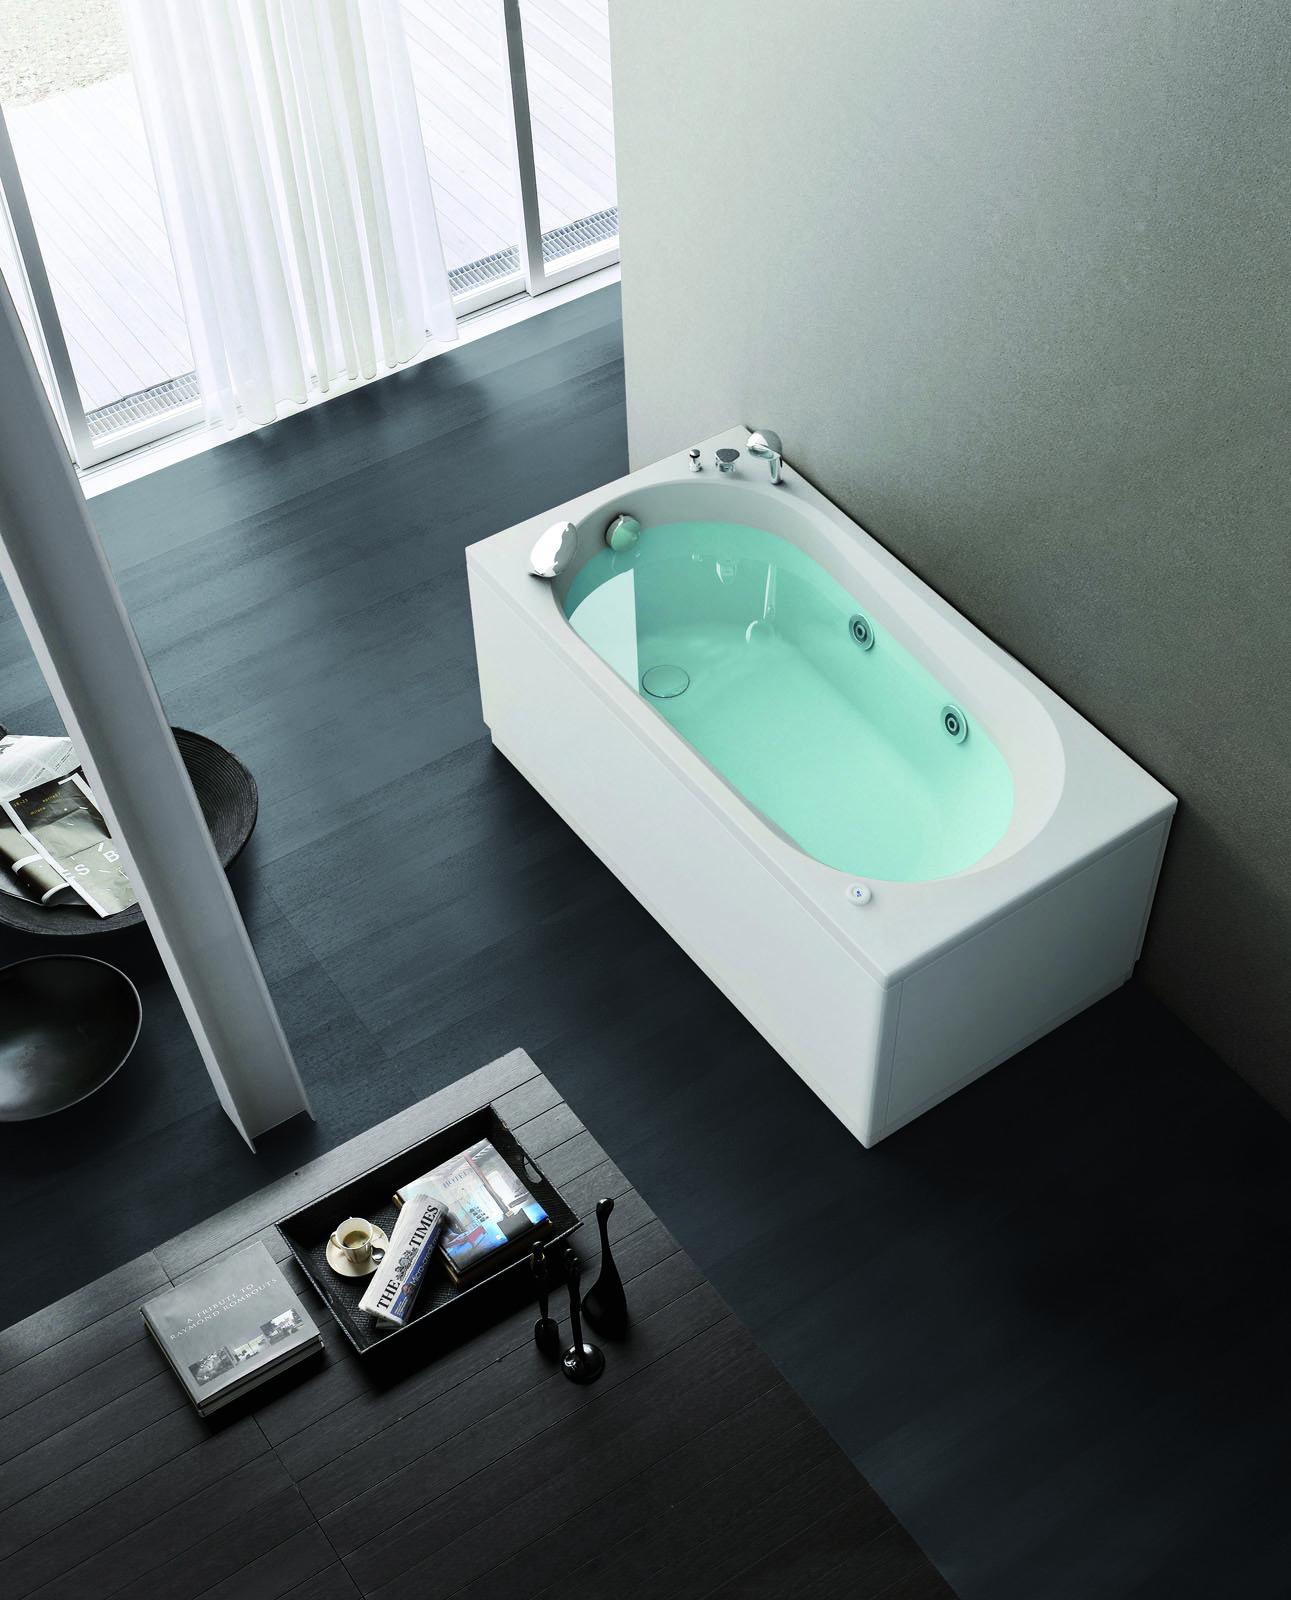 Vasca da bagno 140 cm – Boiserie in ceramica per bagno